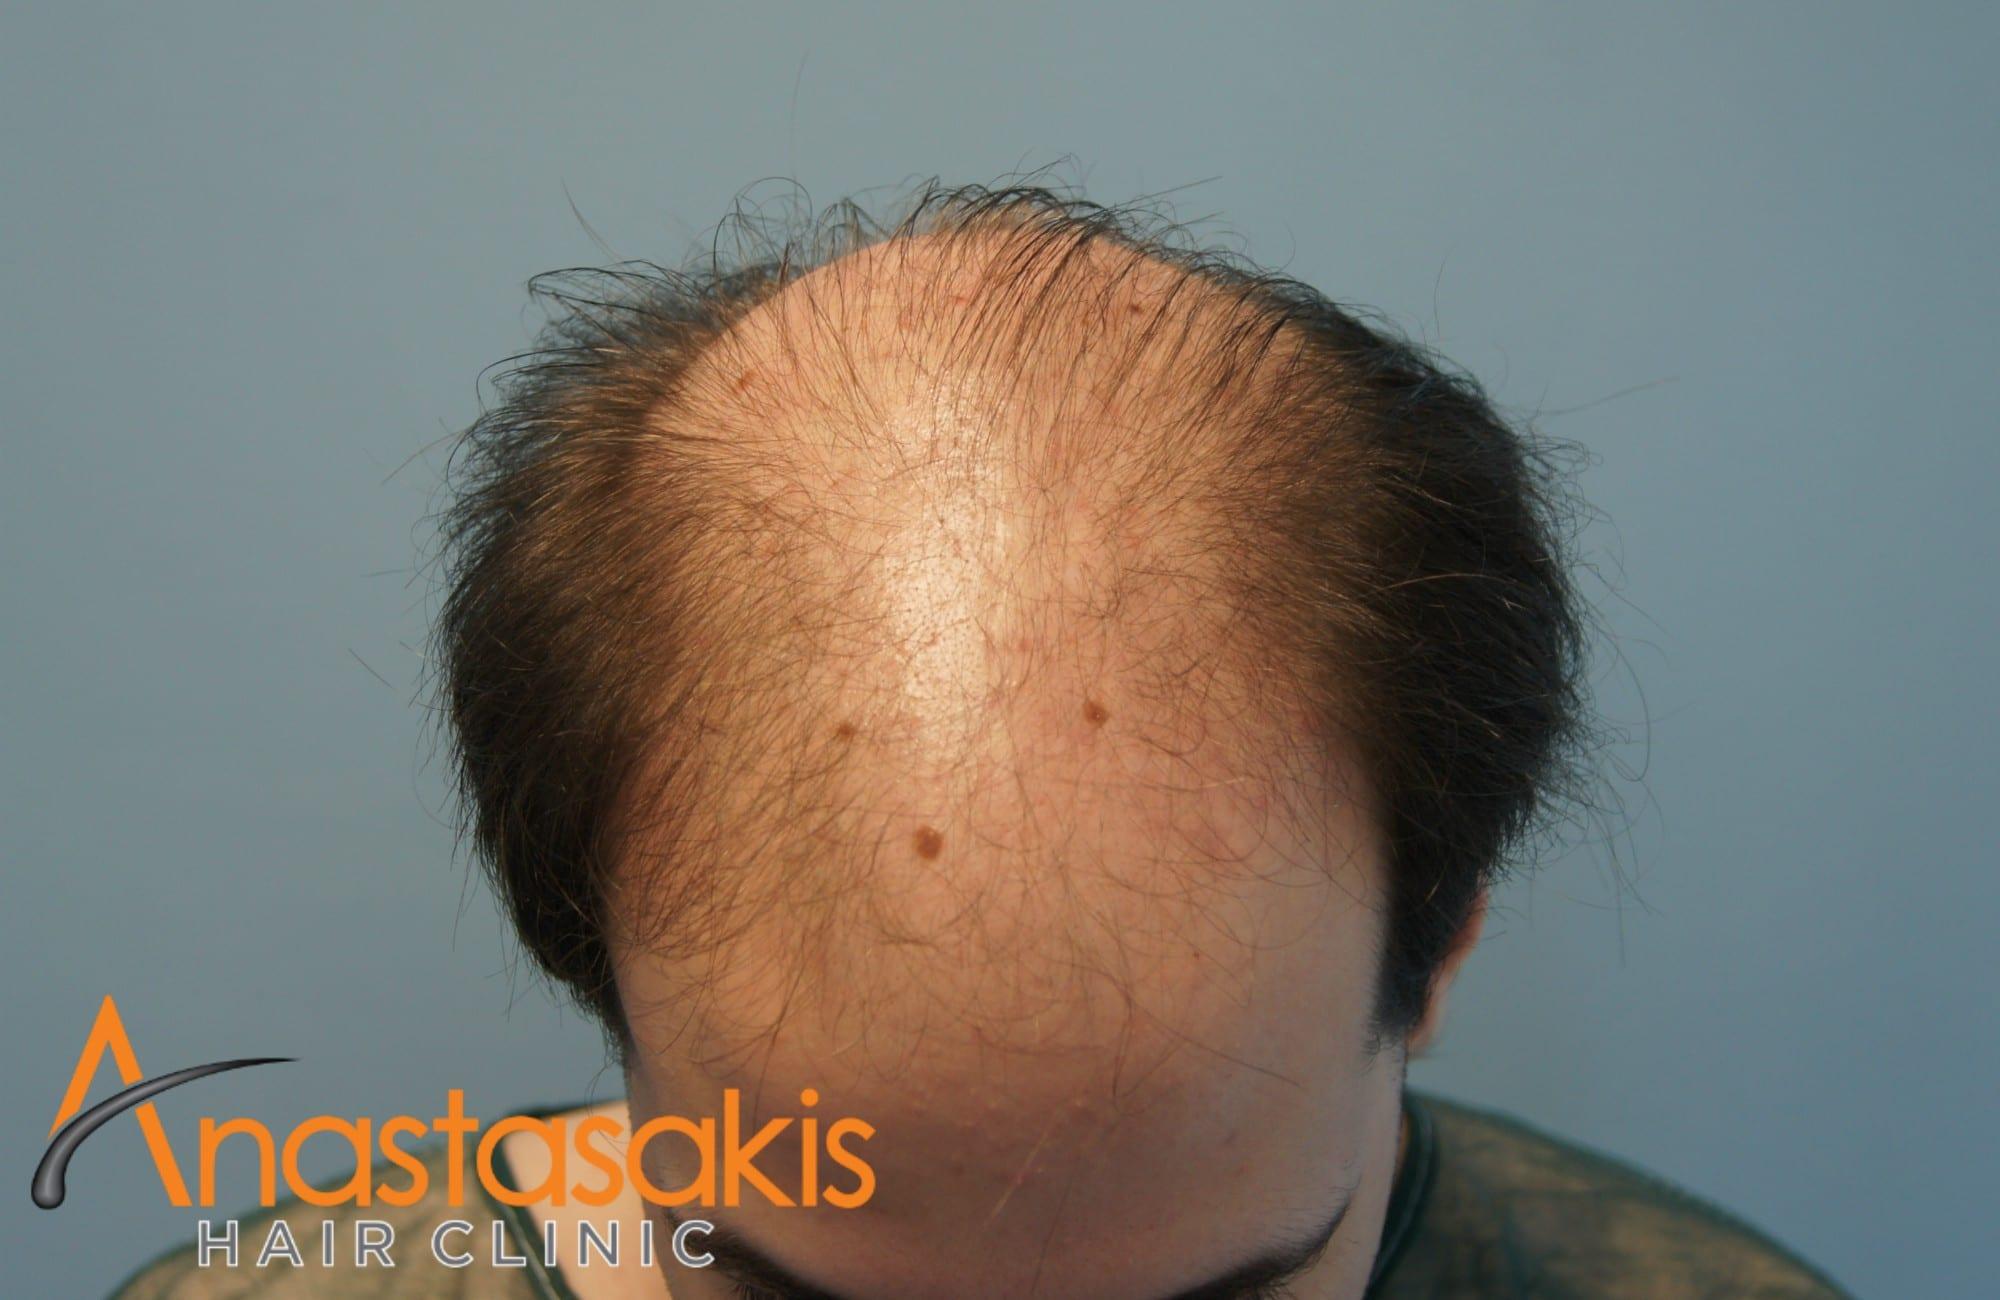 προσθια περιοχη ασθενους πριν τη μεταμοσχευση μαλλιων με 3500 fus